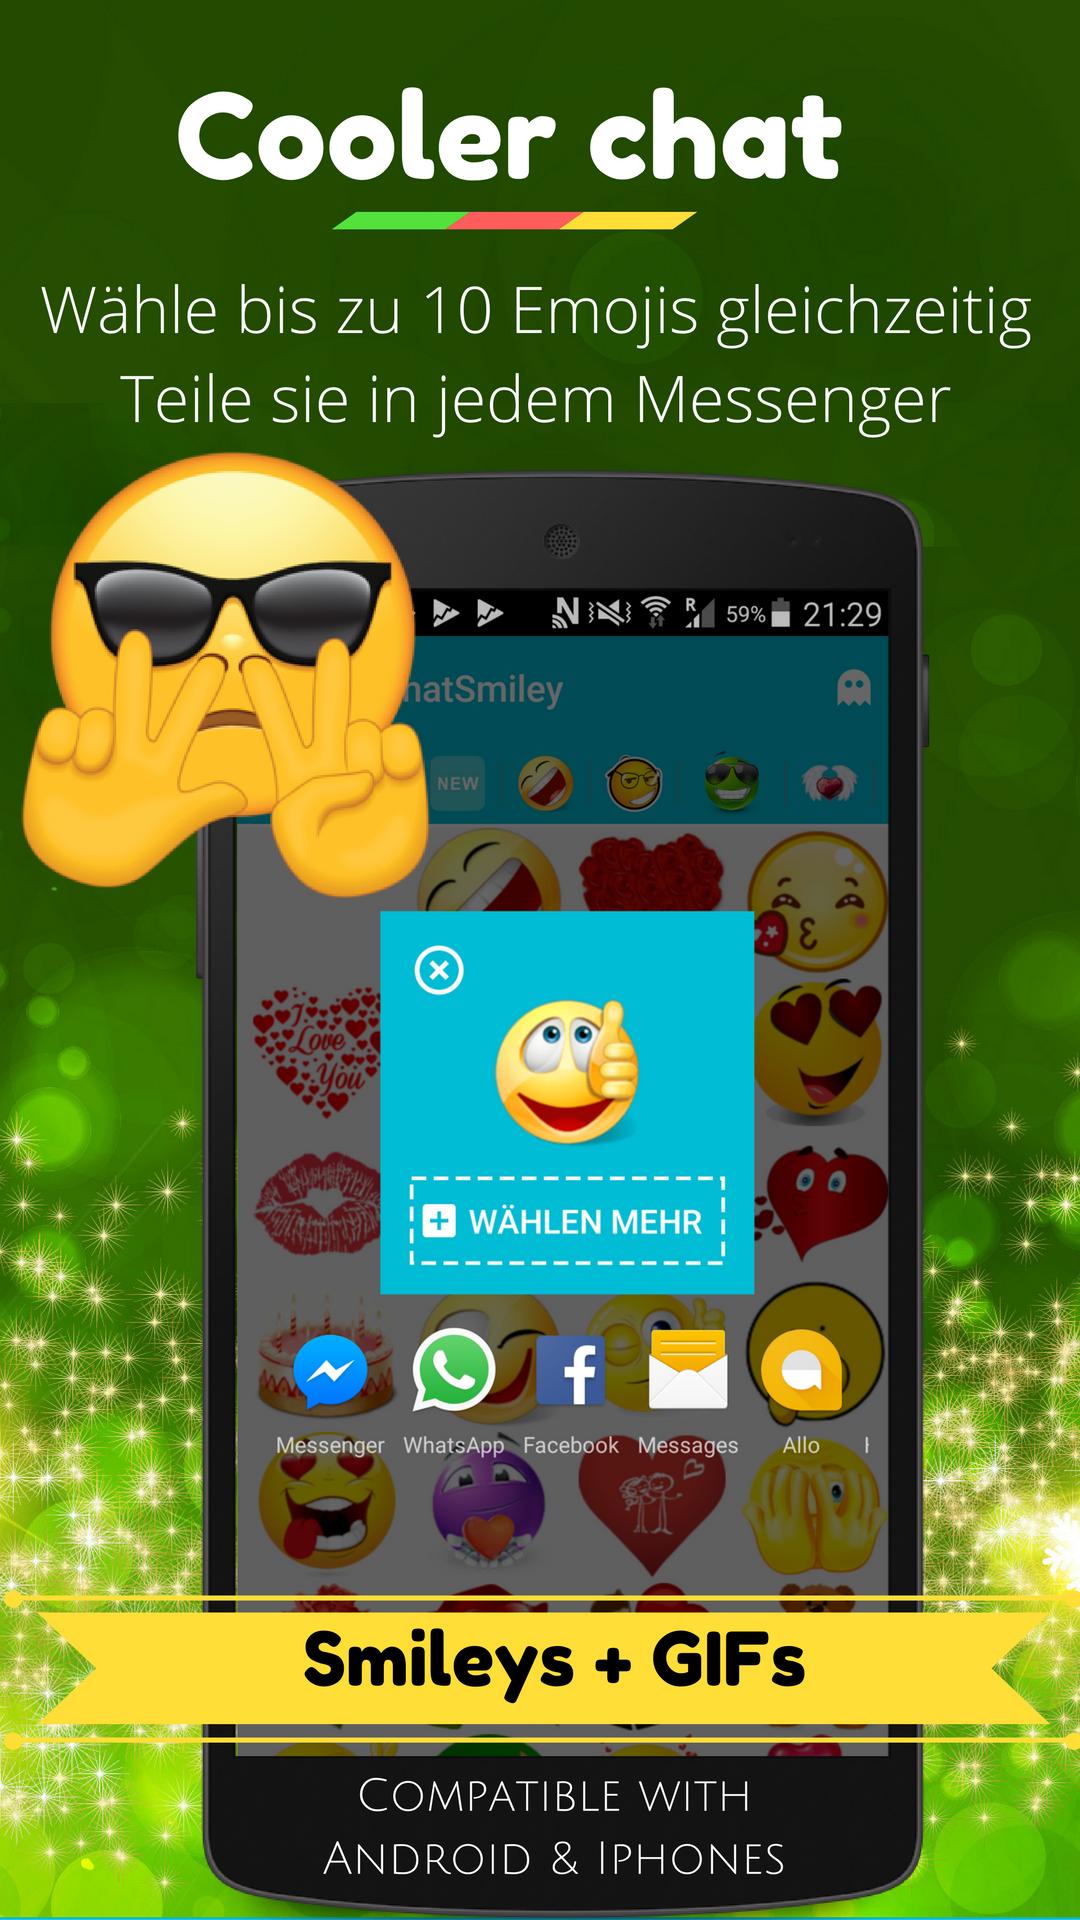 Whatsapp mitgliedschaft belohnung